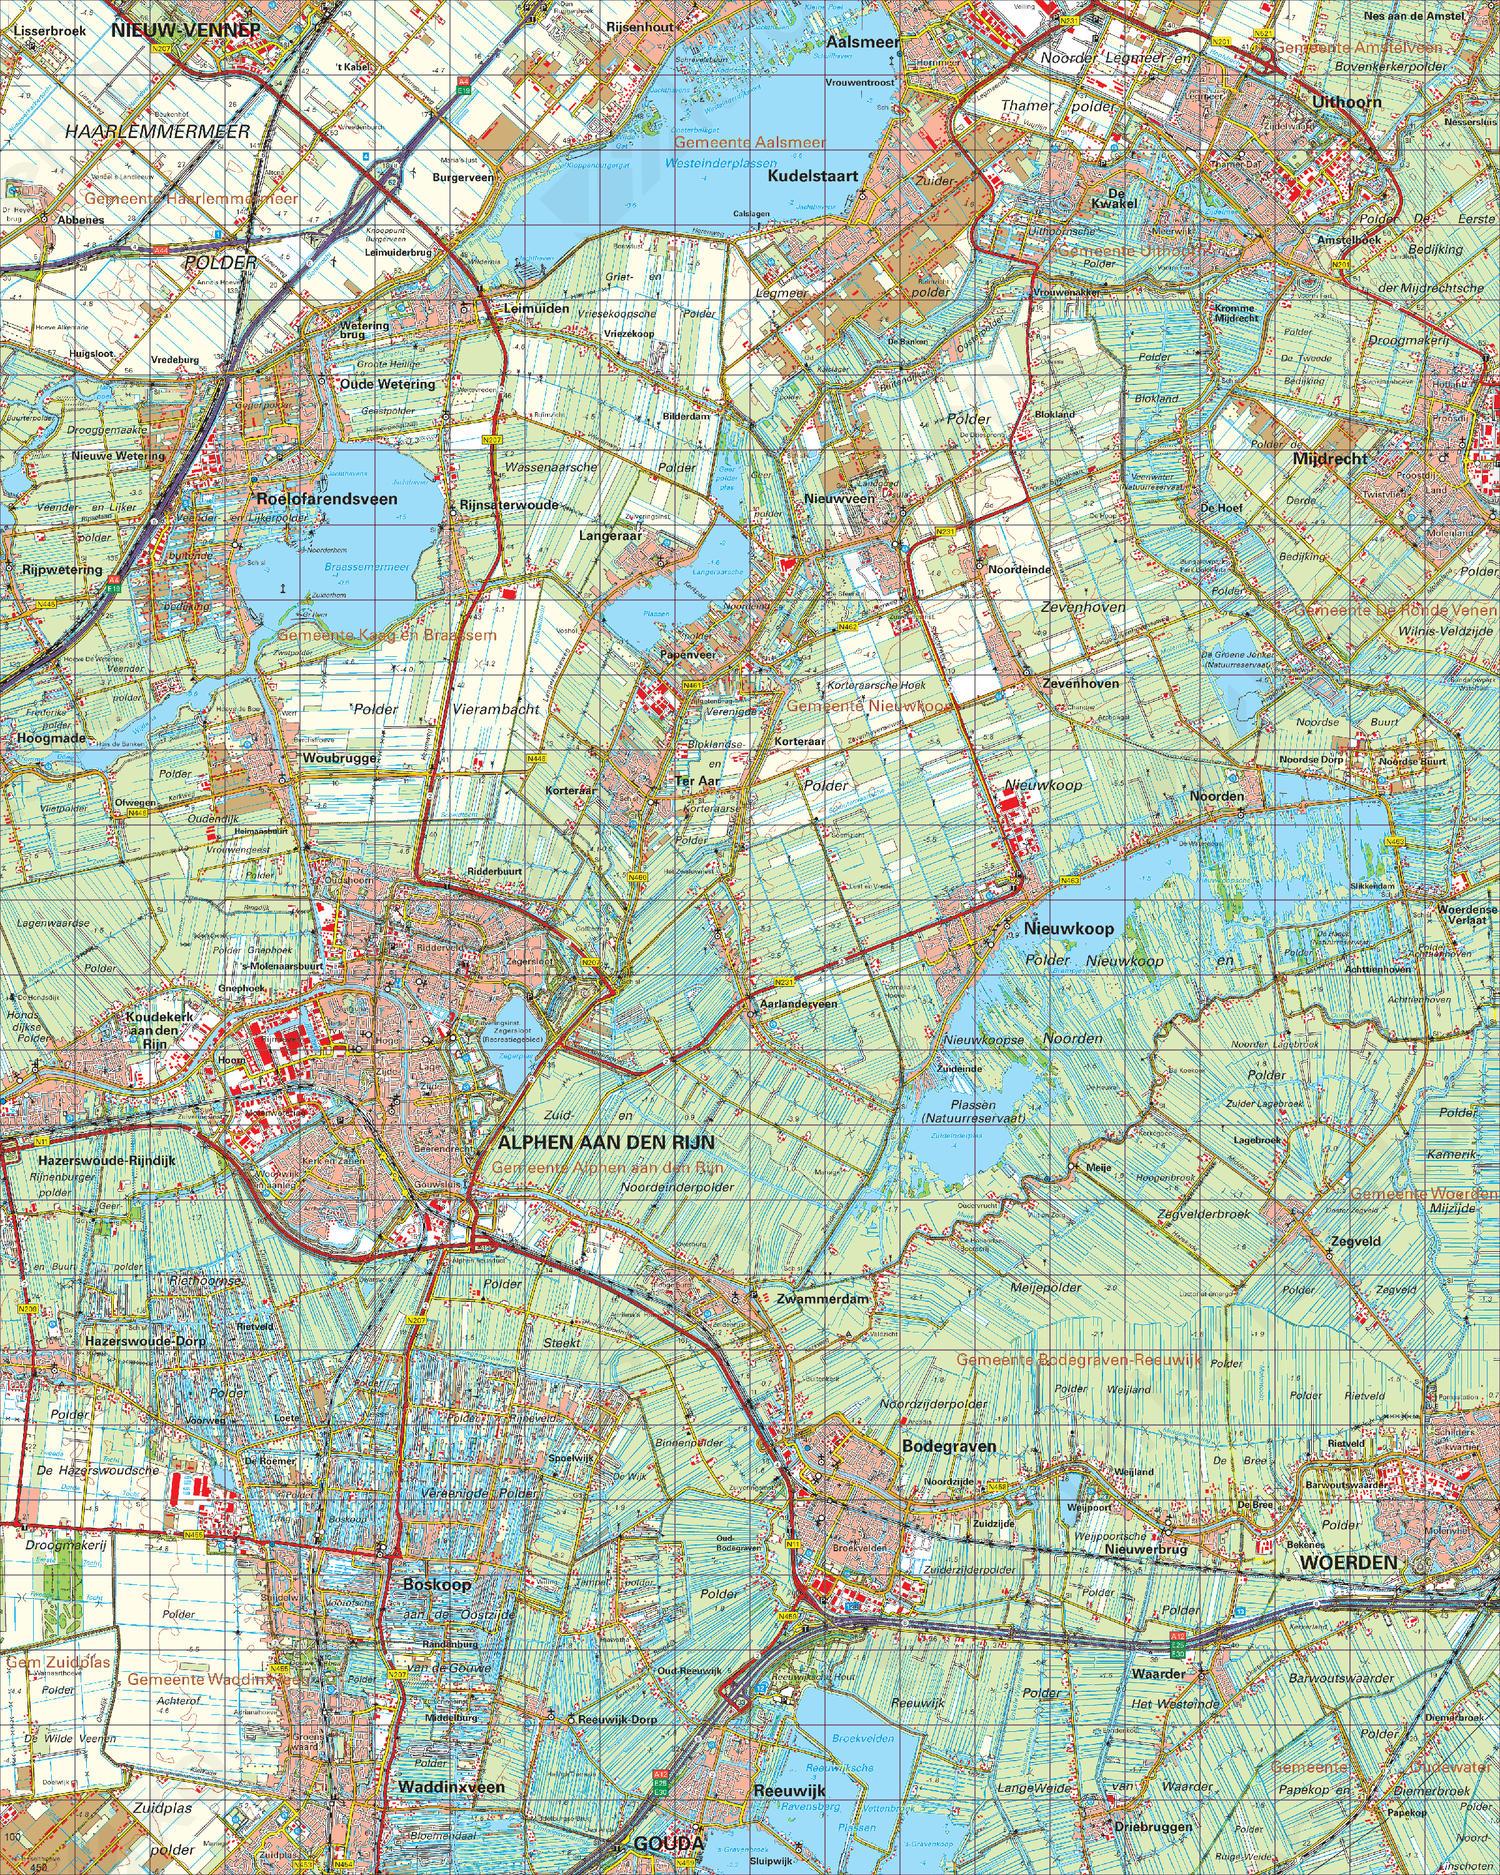 Digitale Topografische Kaart 31 West Utrecht